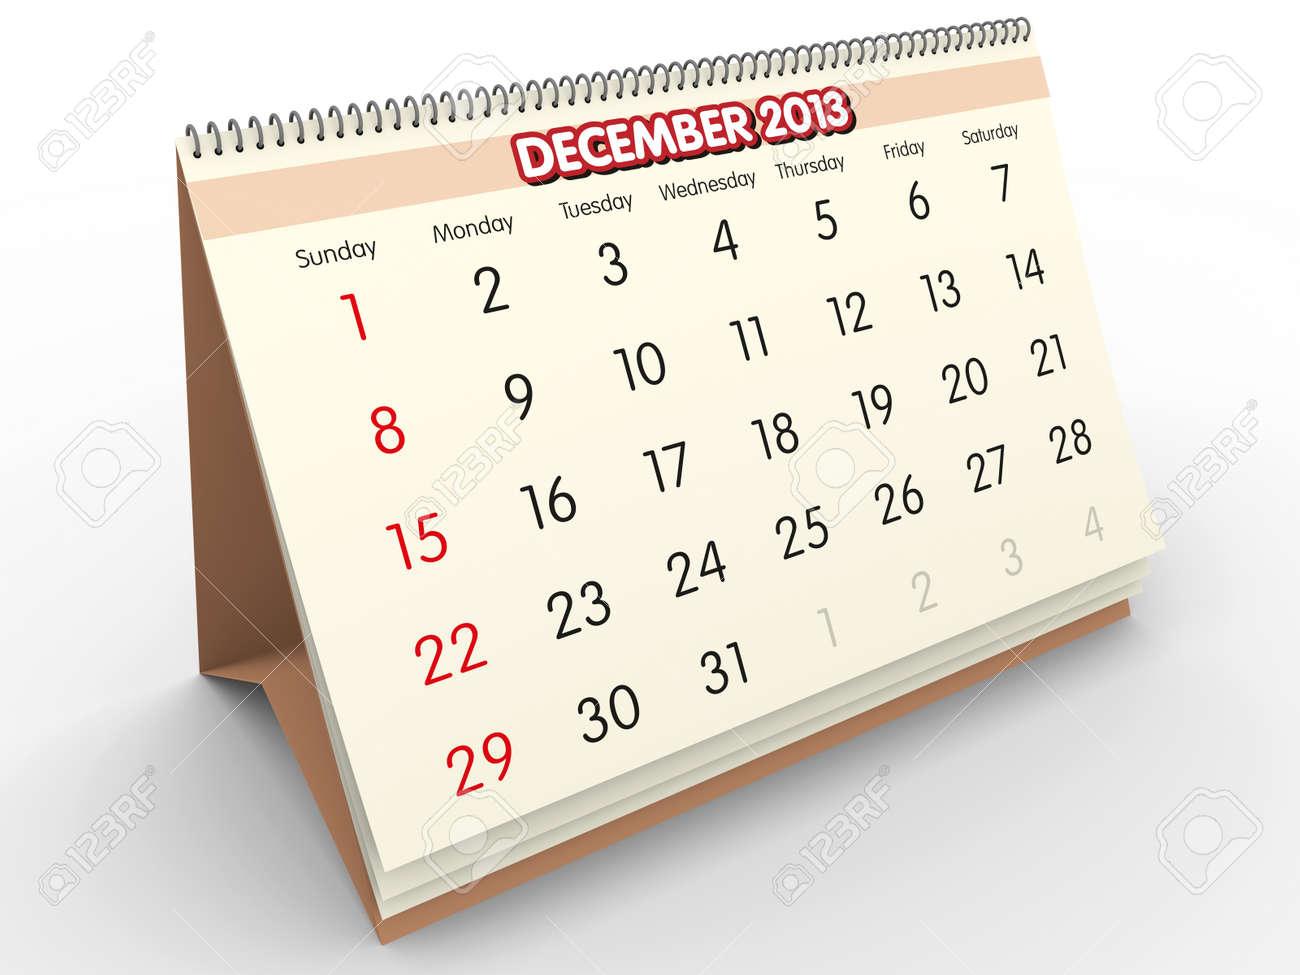 December sheet in a Calendar for 2013  3d render Stock Photo - 17280197